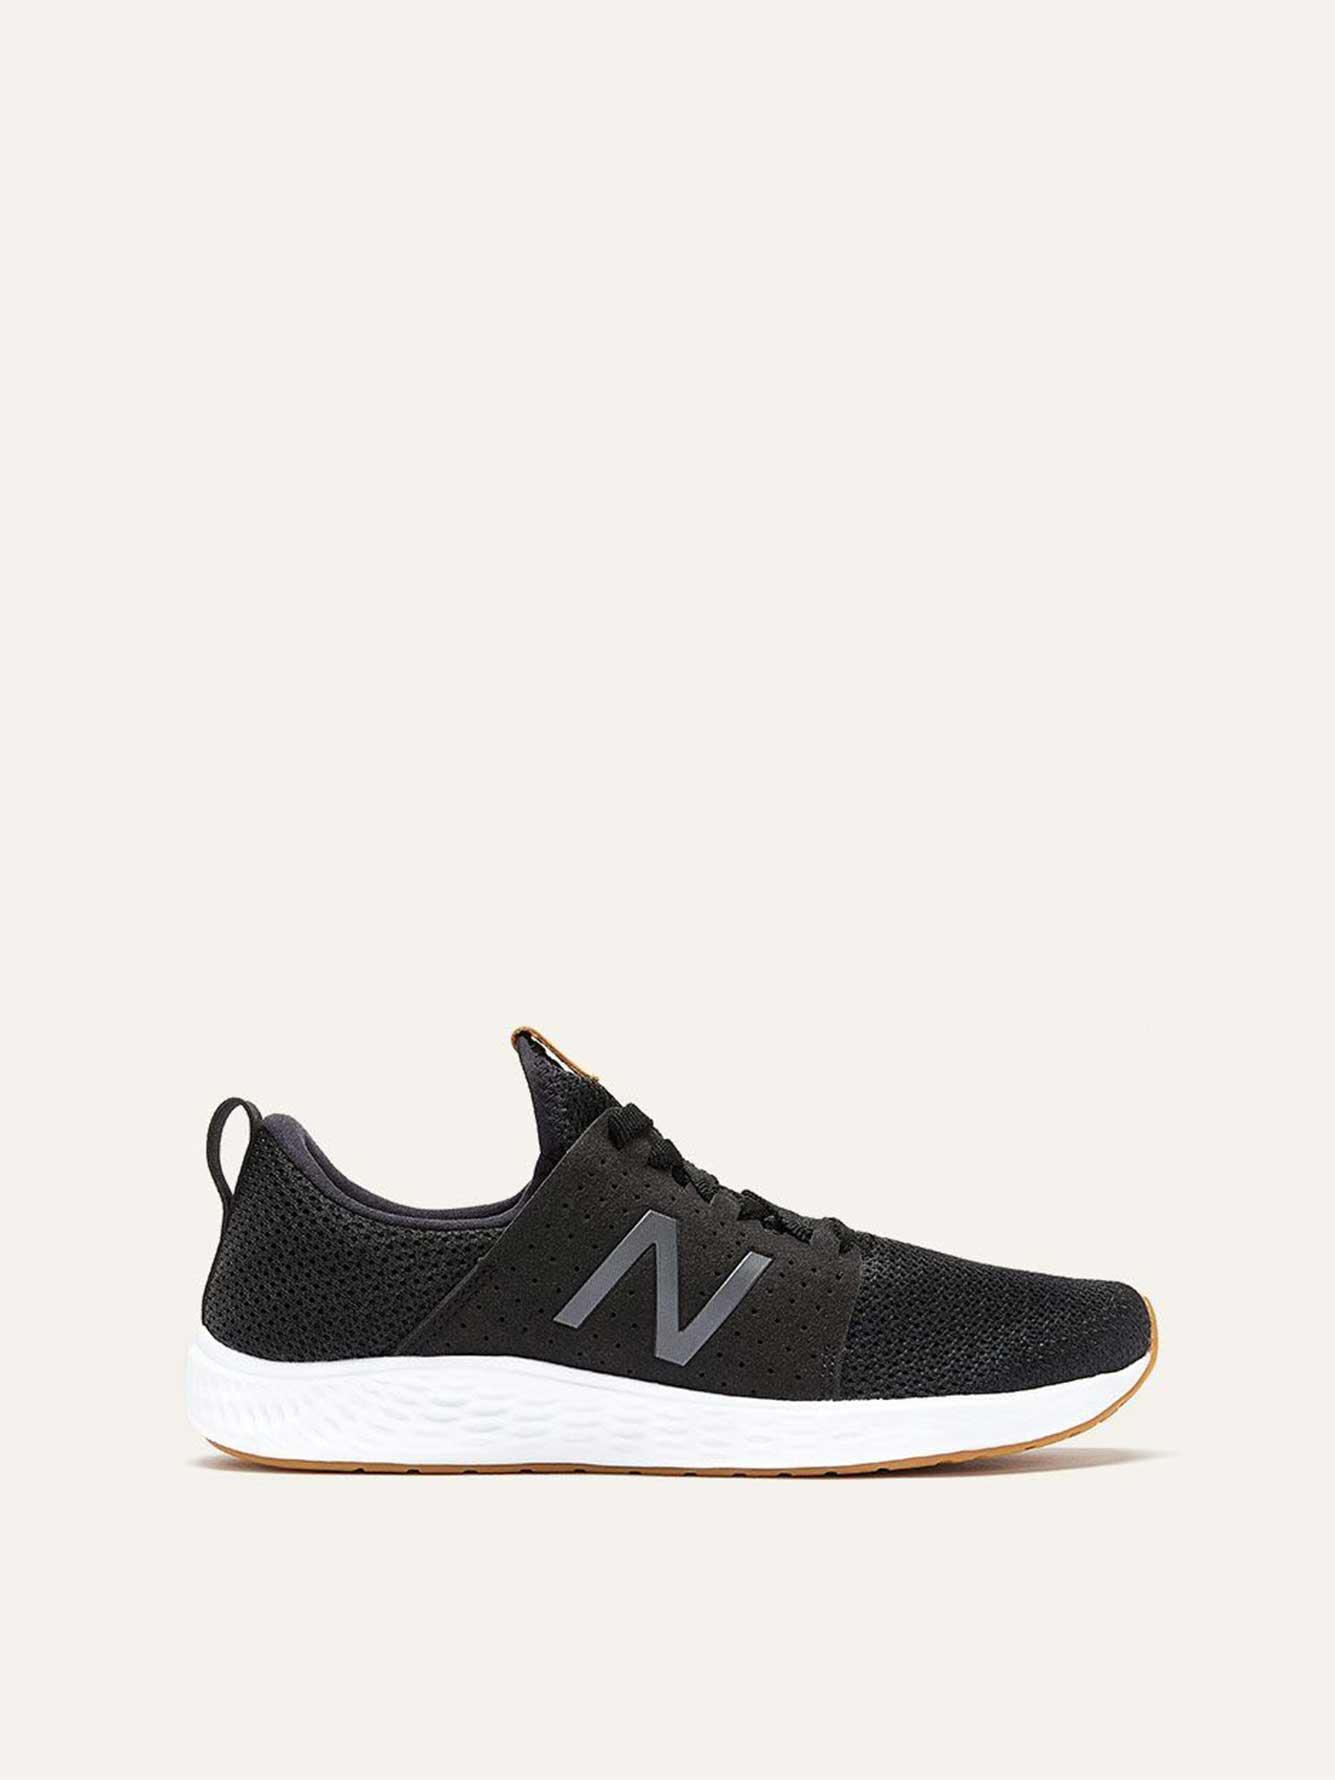 5f11044084b49 Wide Width Fresh Foam Sport Sneakers - New Balance   Penningtons